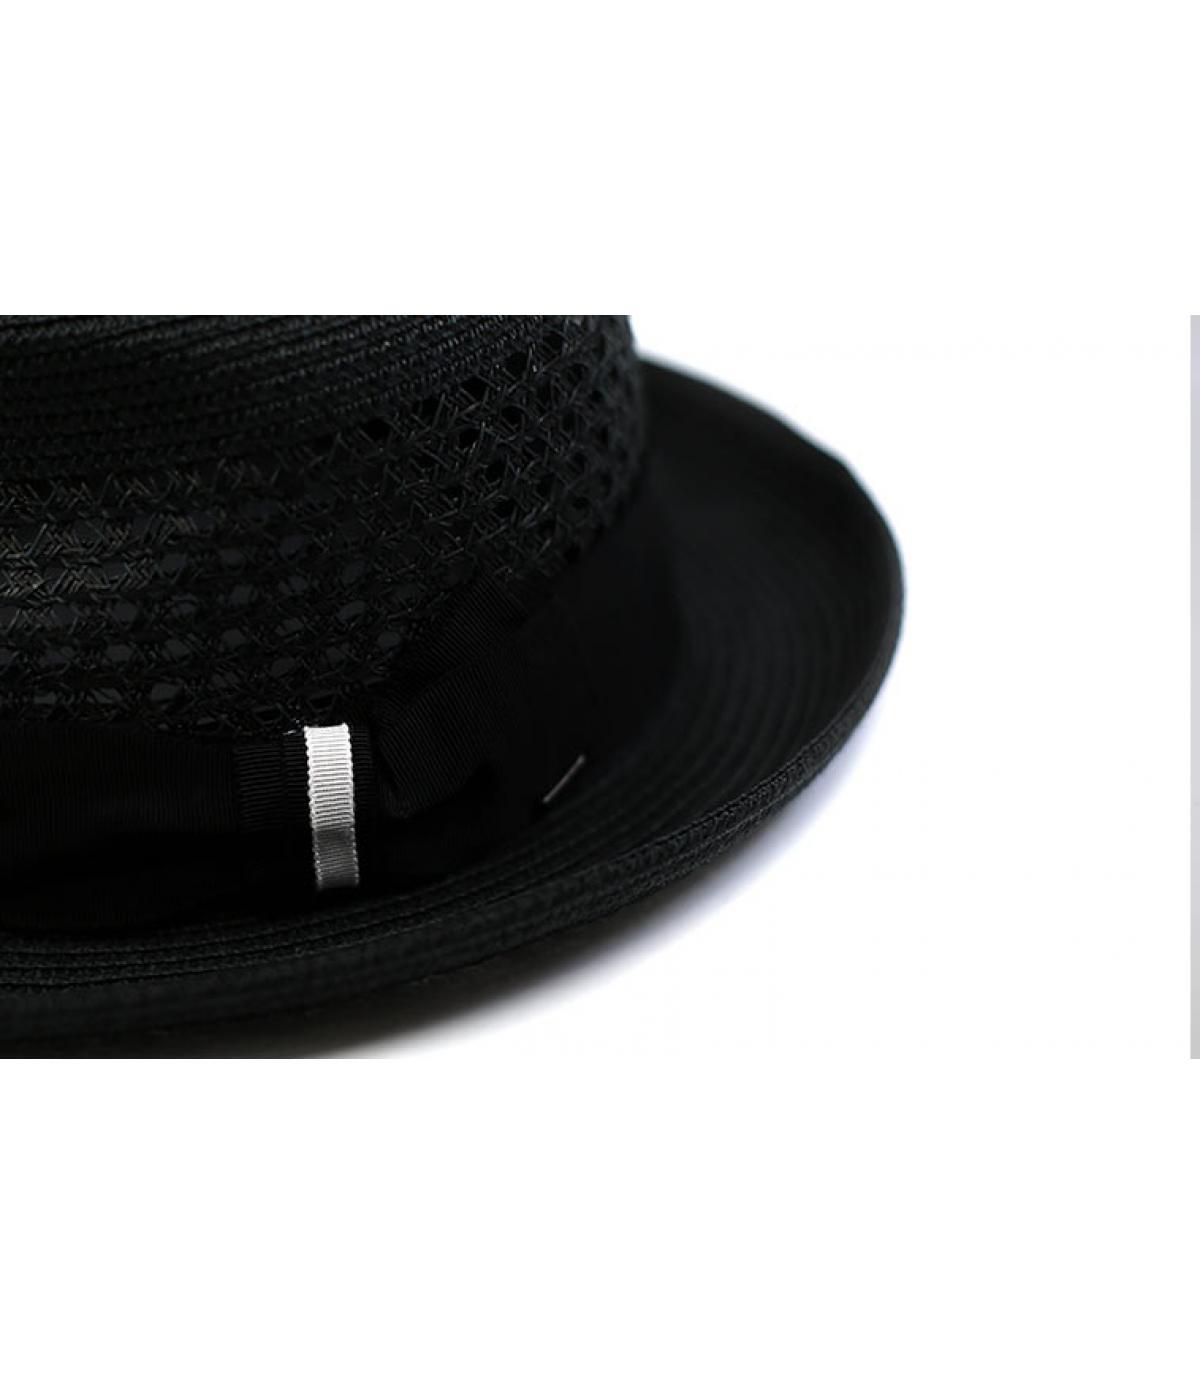 Detalles Wilshire solid black imagen 3